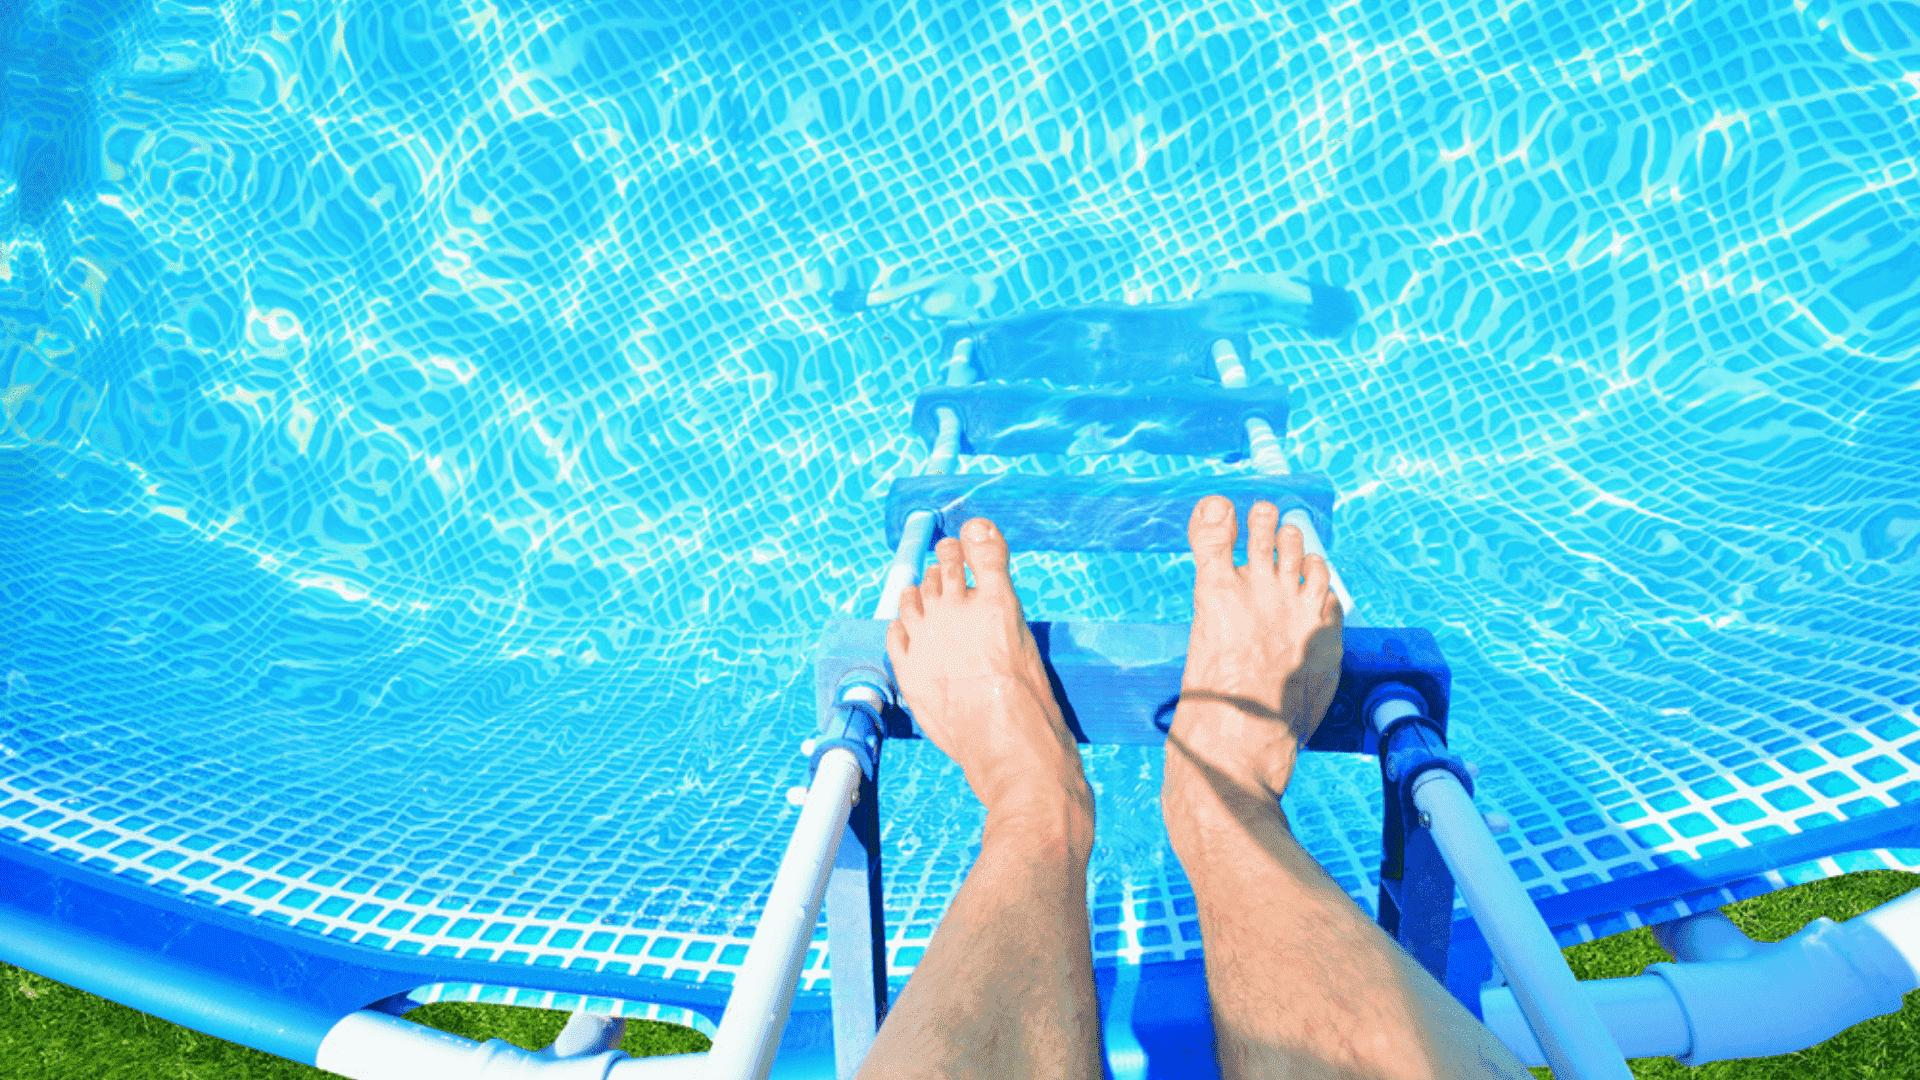 Para limpar a piscina, o ideal é usar bomba ou peneira e cloro (Imagem: Reprodução/Shutterstock)